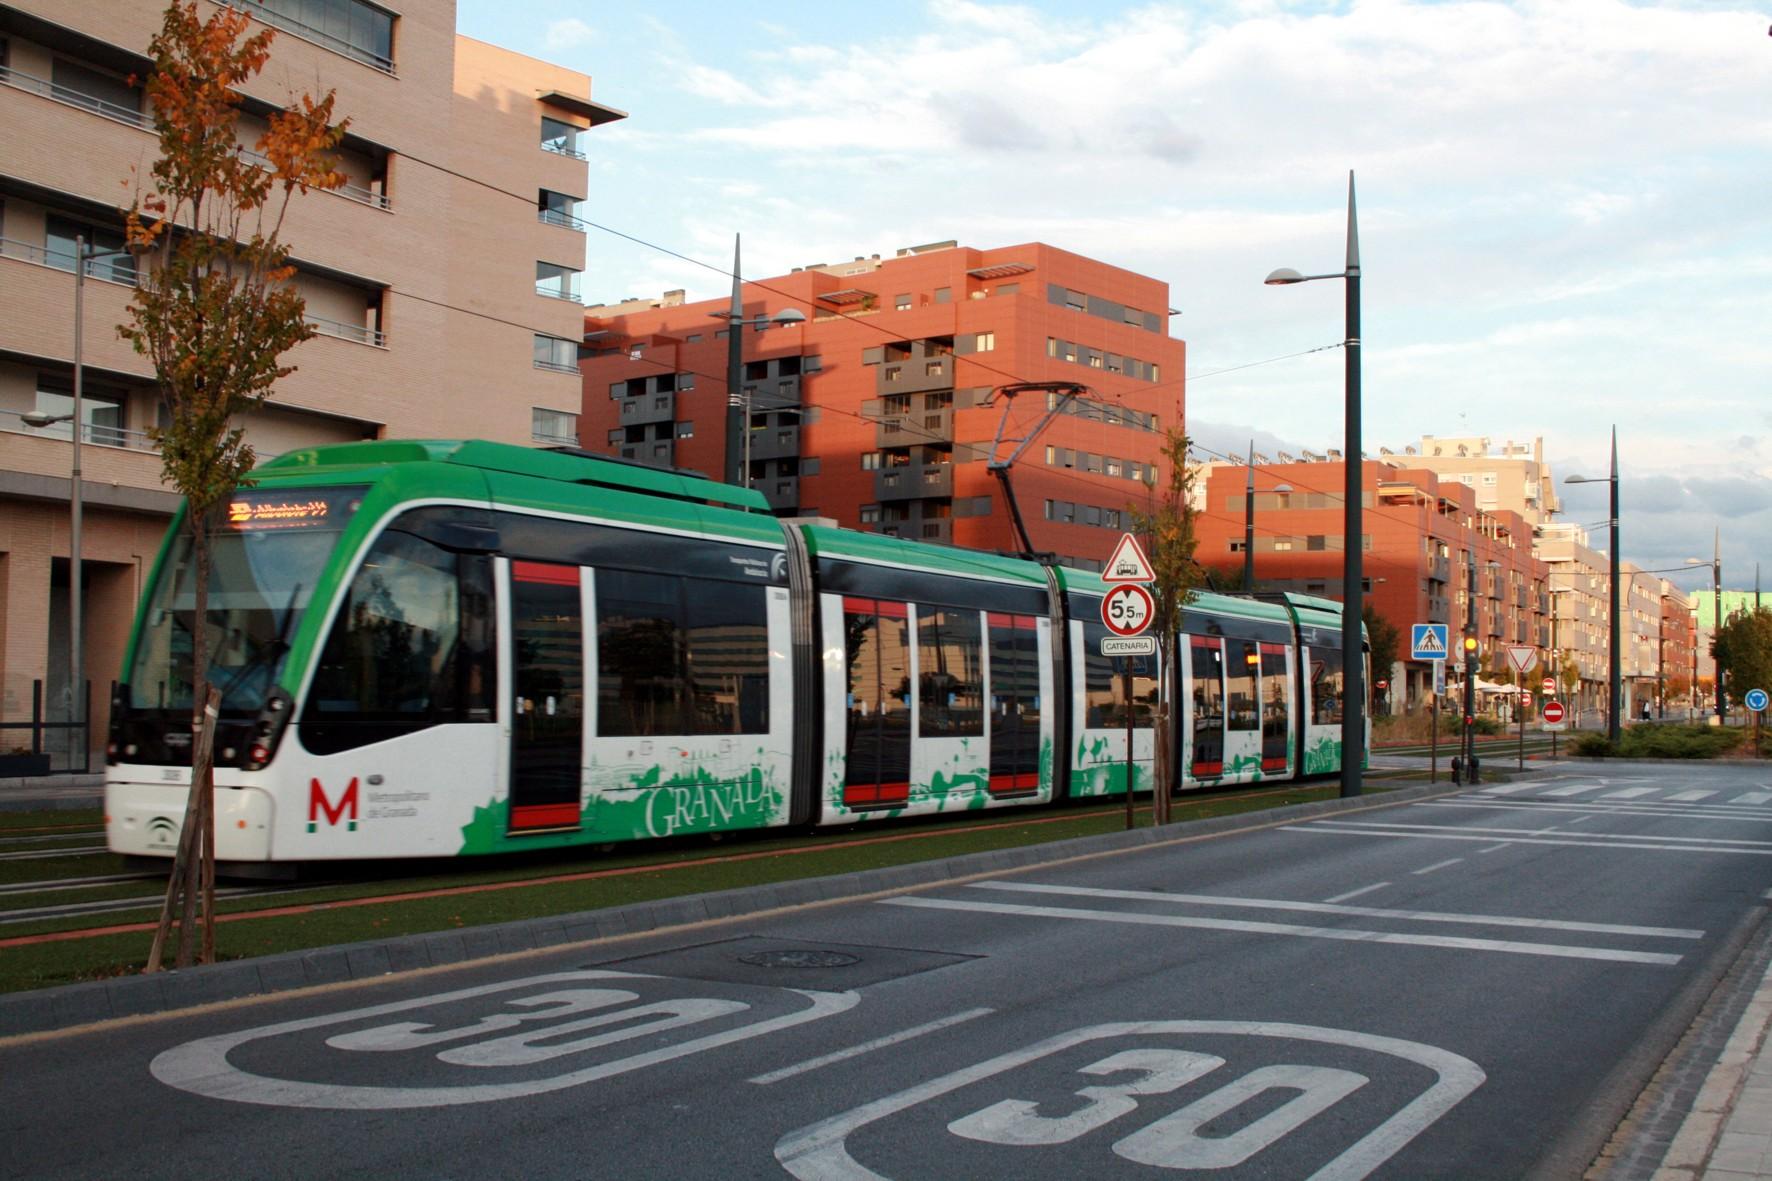 El Metro acredita que su consumo de energía procede al 100% de fuentes renovables